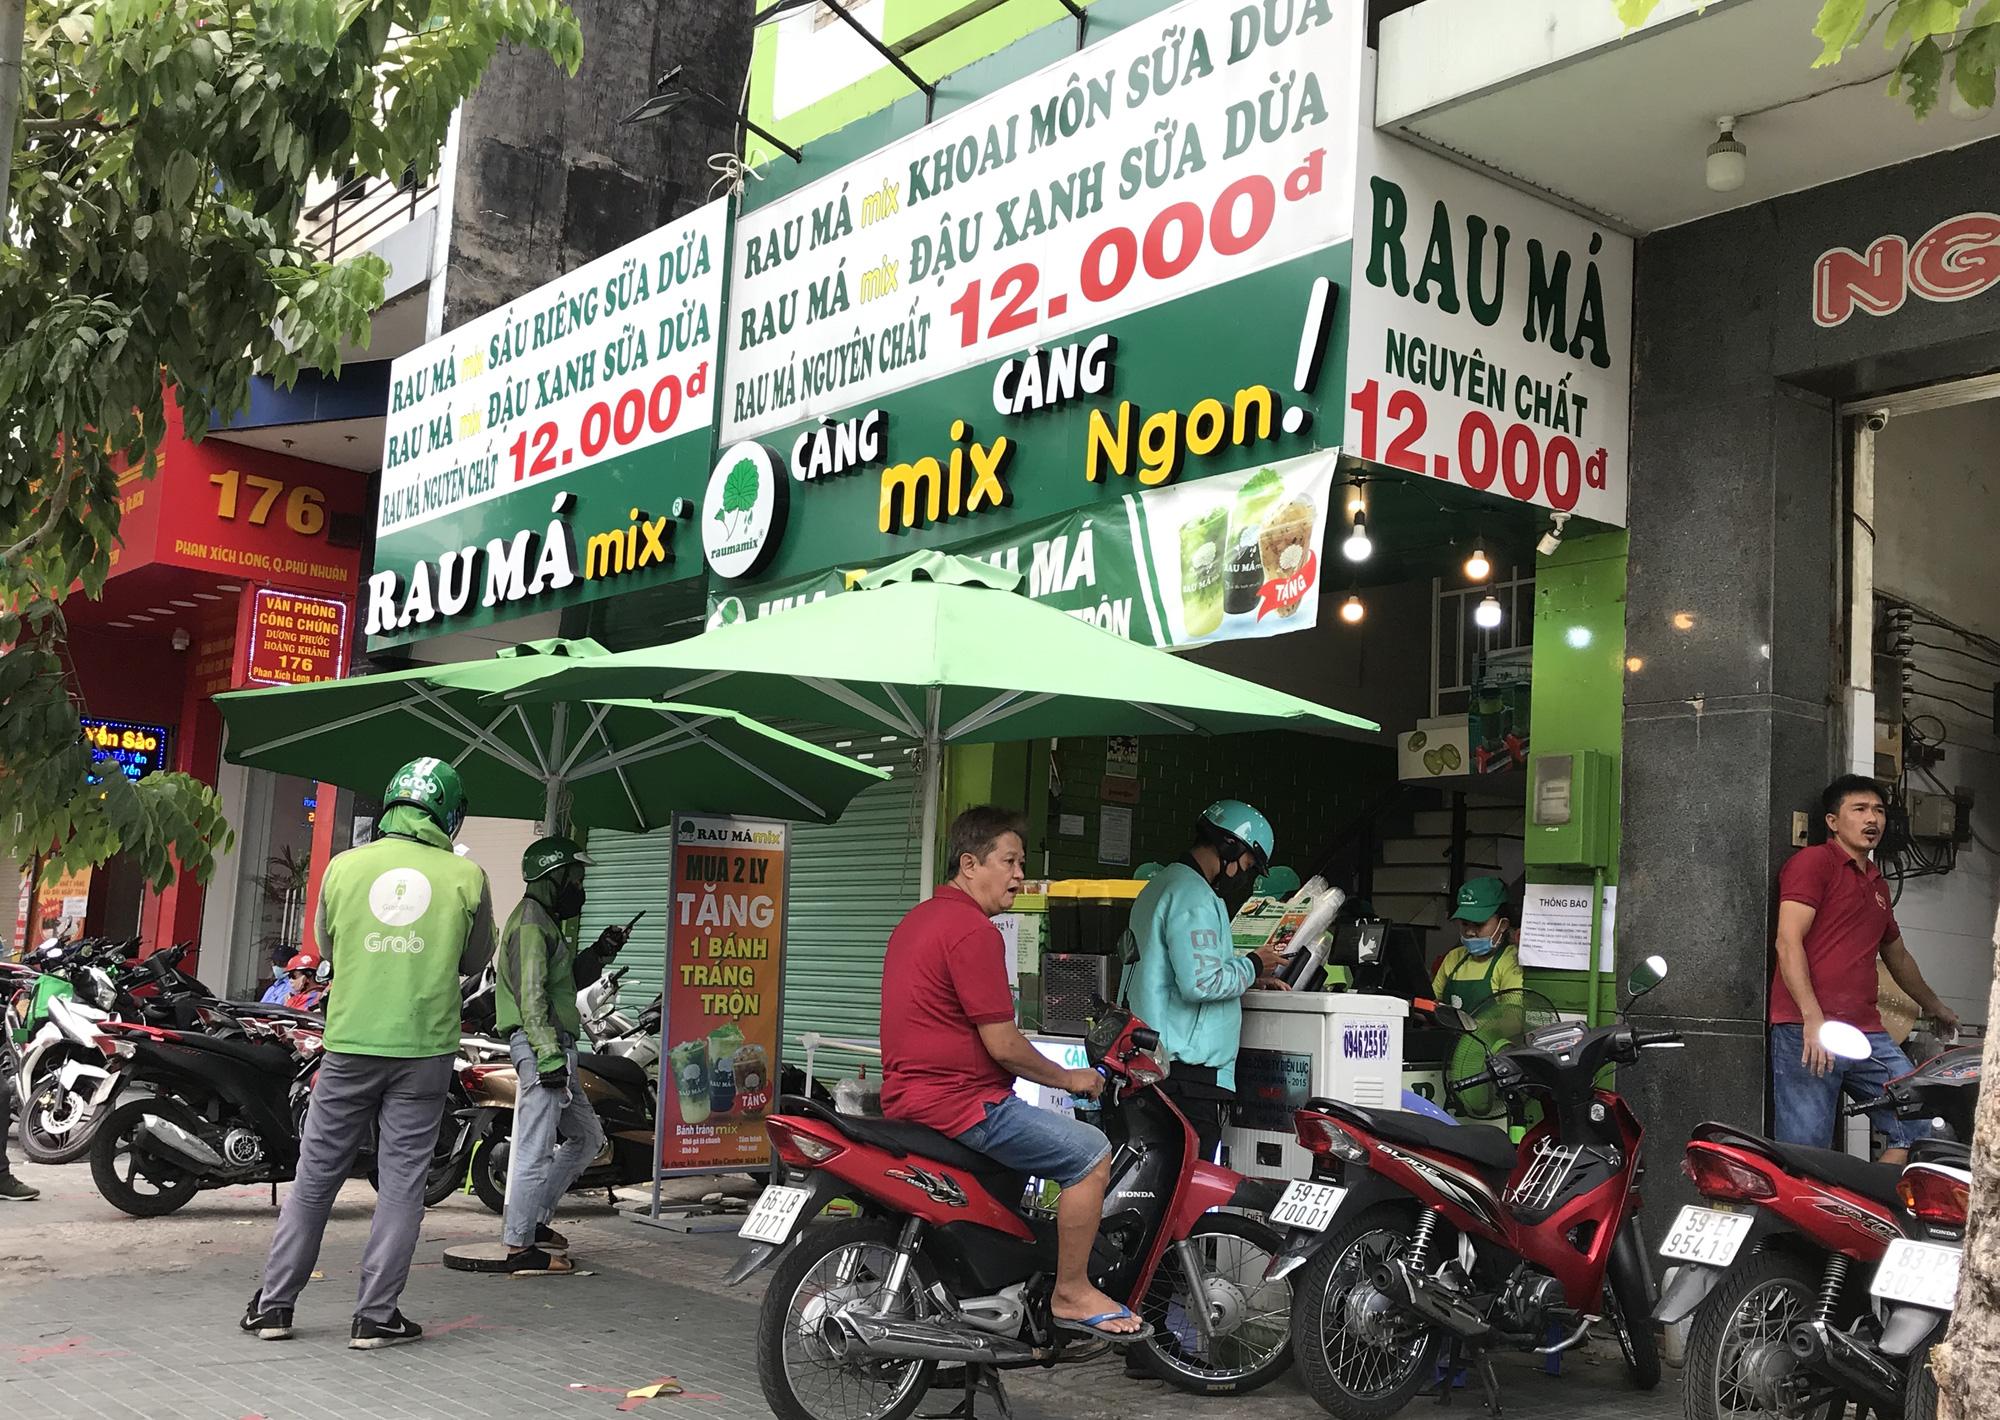 Cửa hàng, quán ăn Sài Gòn nín thở chờ lệnh cách li xã hội - Ảnh 11.